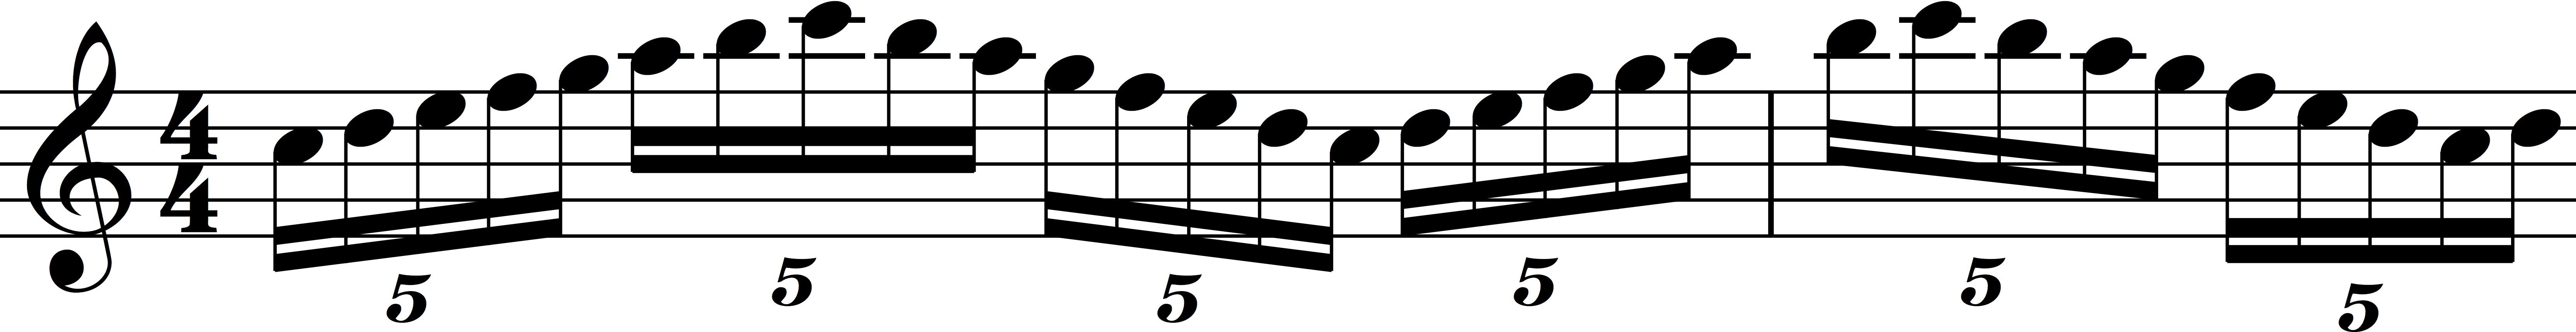 Scale Warmup 11.jpg